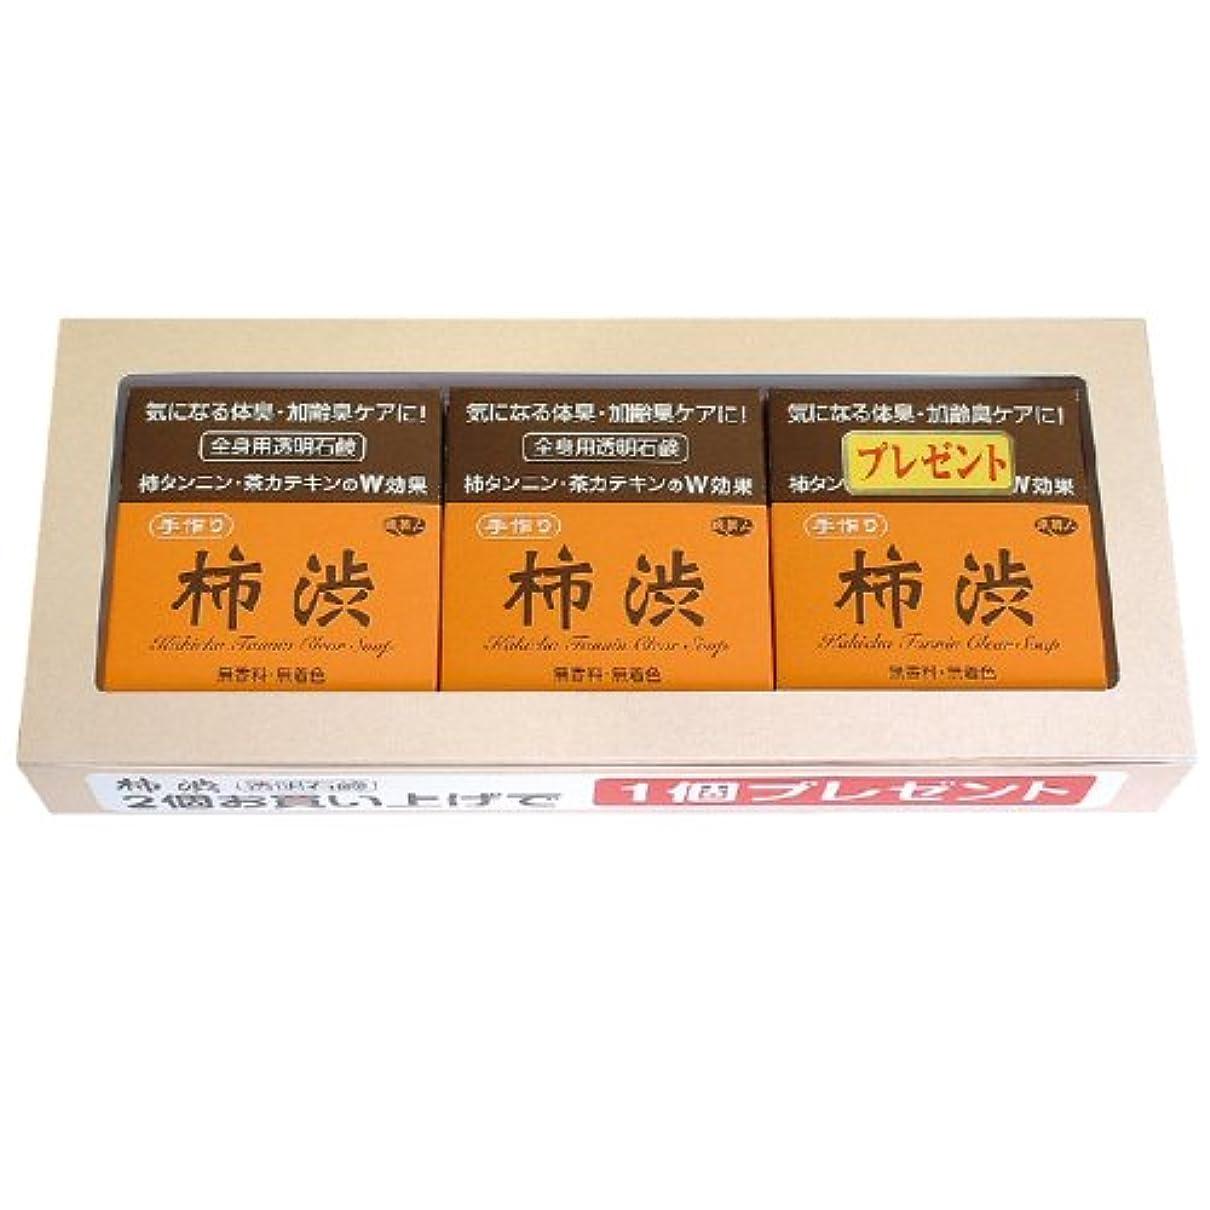 やけど必要性昆虫を見るアズマ商事の 柿渋透明石鹸 2個の値段で3個入りセット